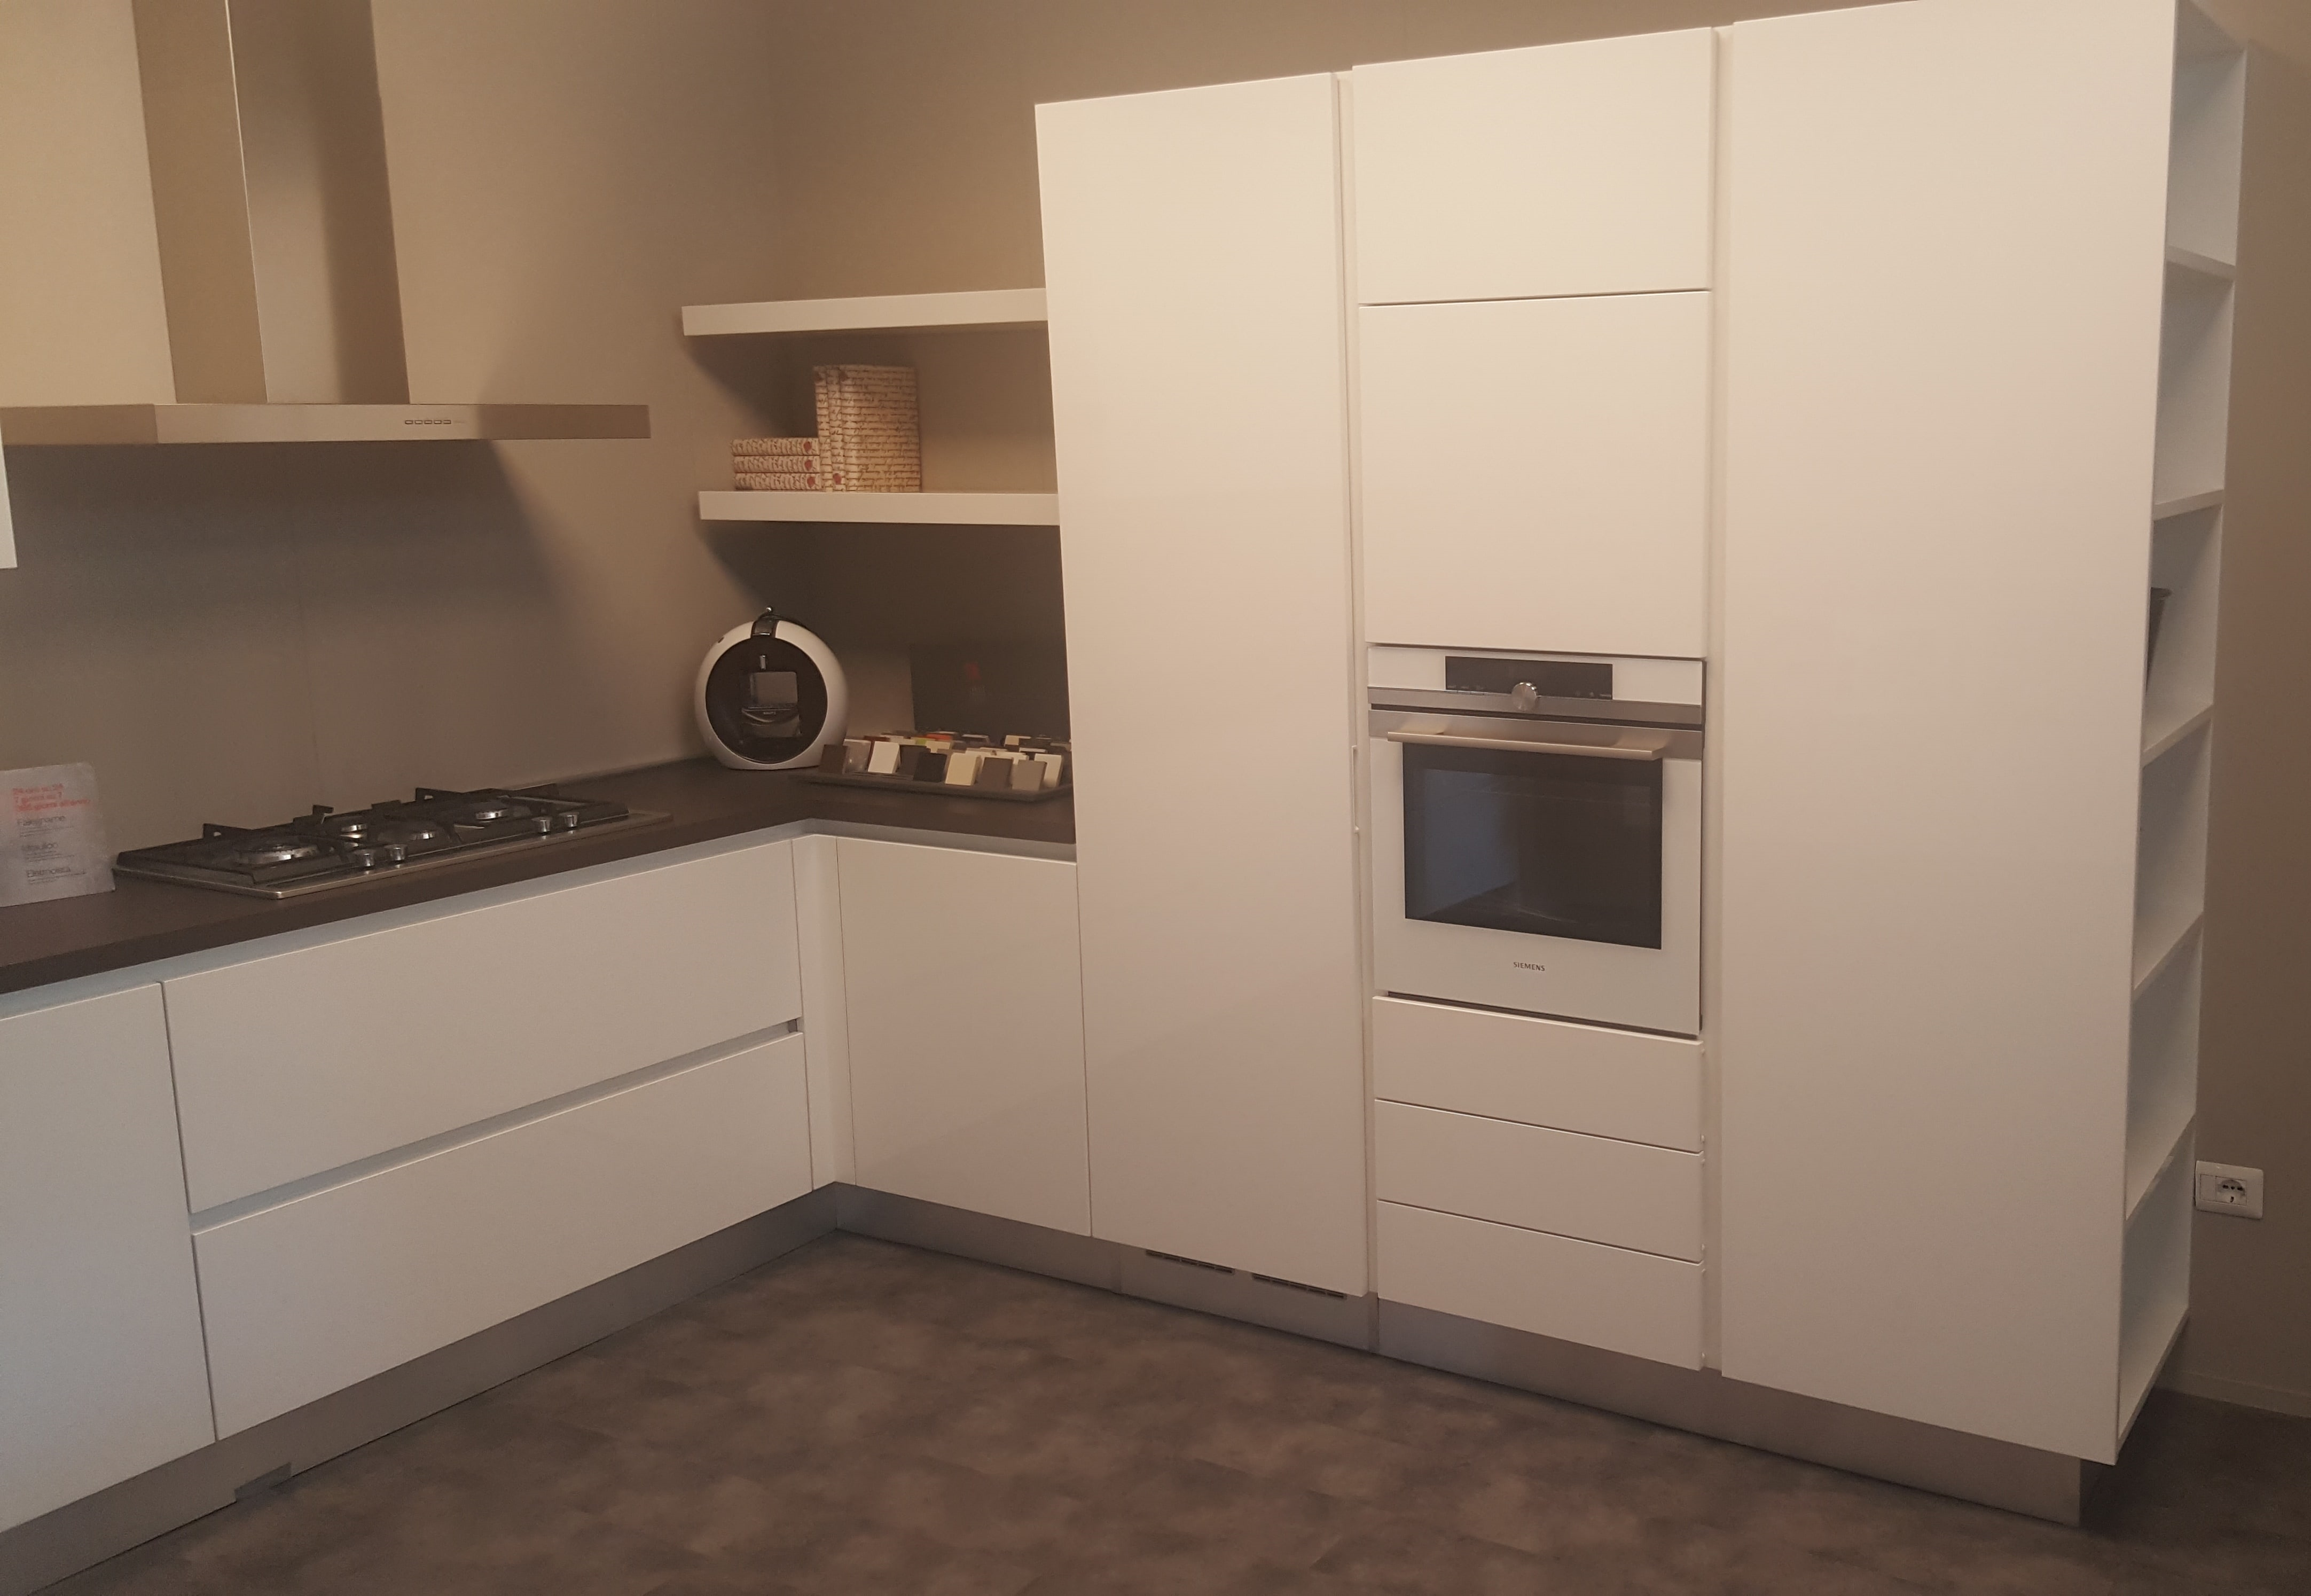 Berloni Cucine Cucina B50 Design Laccato Lucido Bianca - Cucine a ...